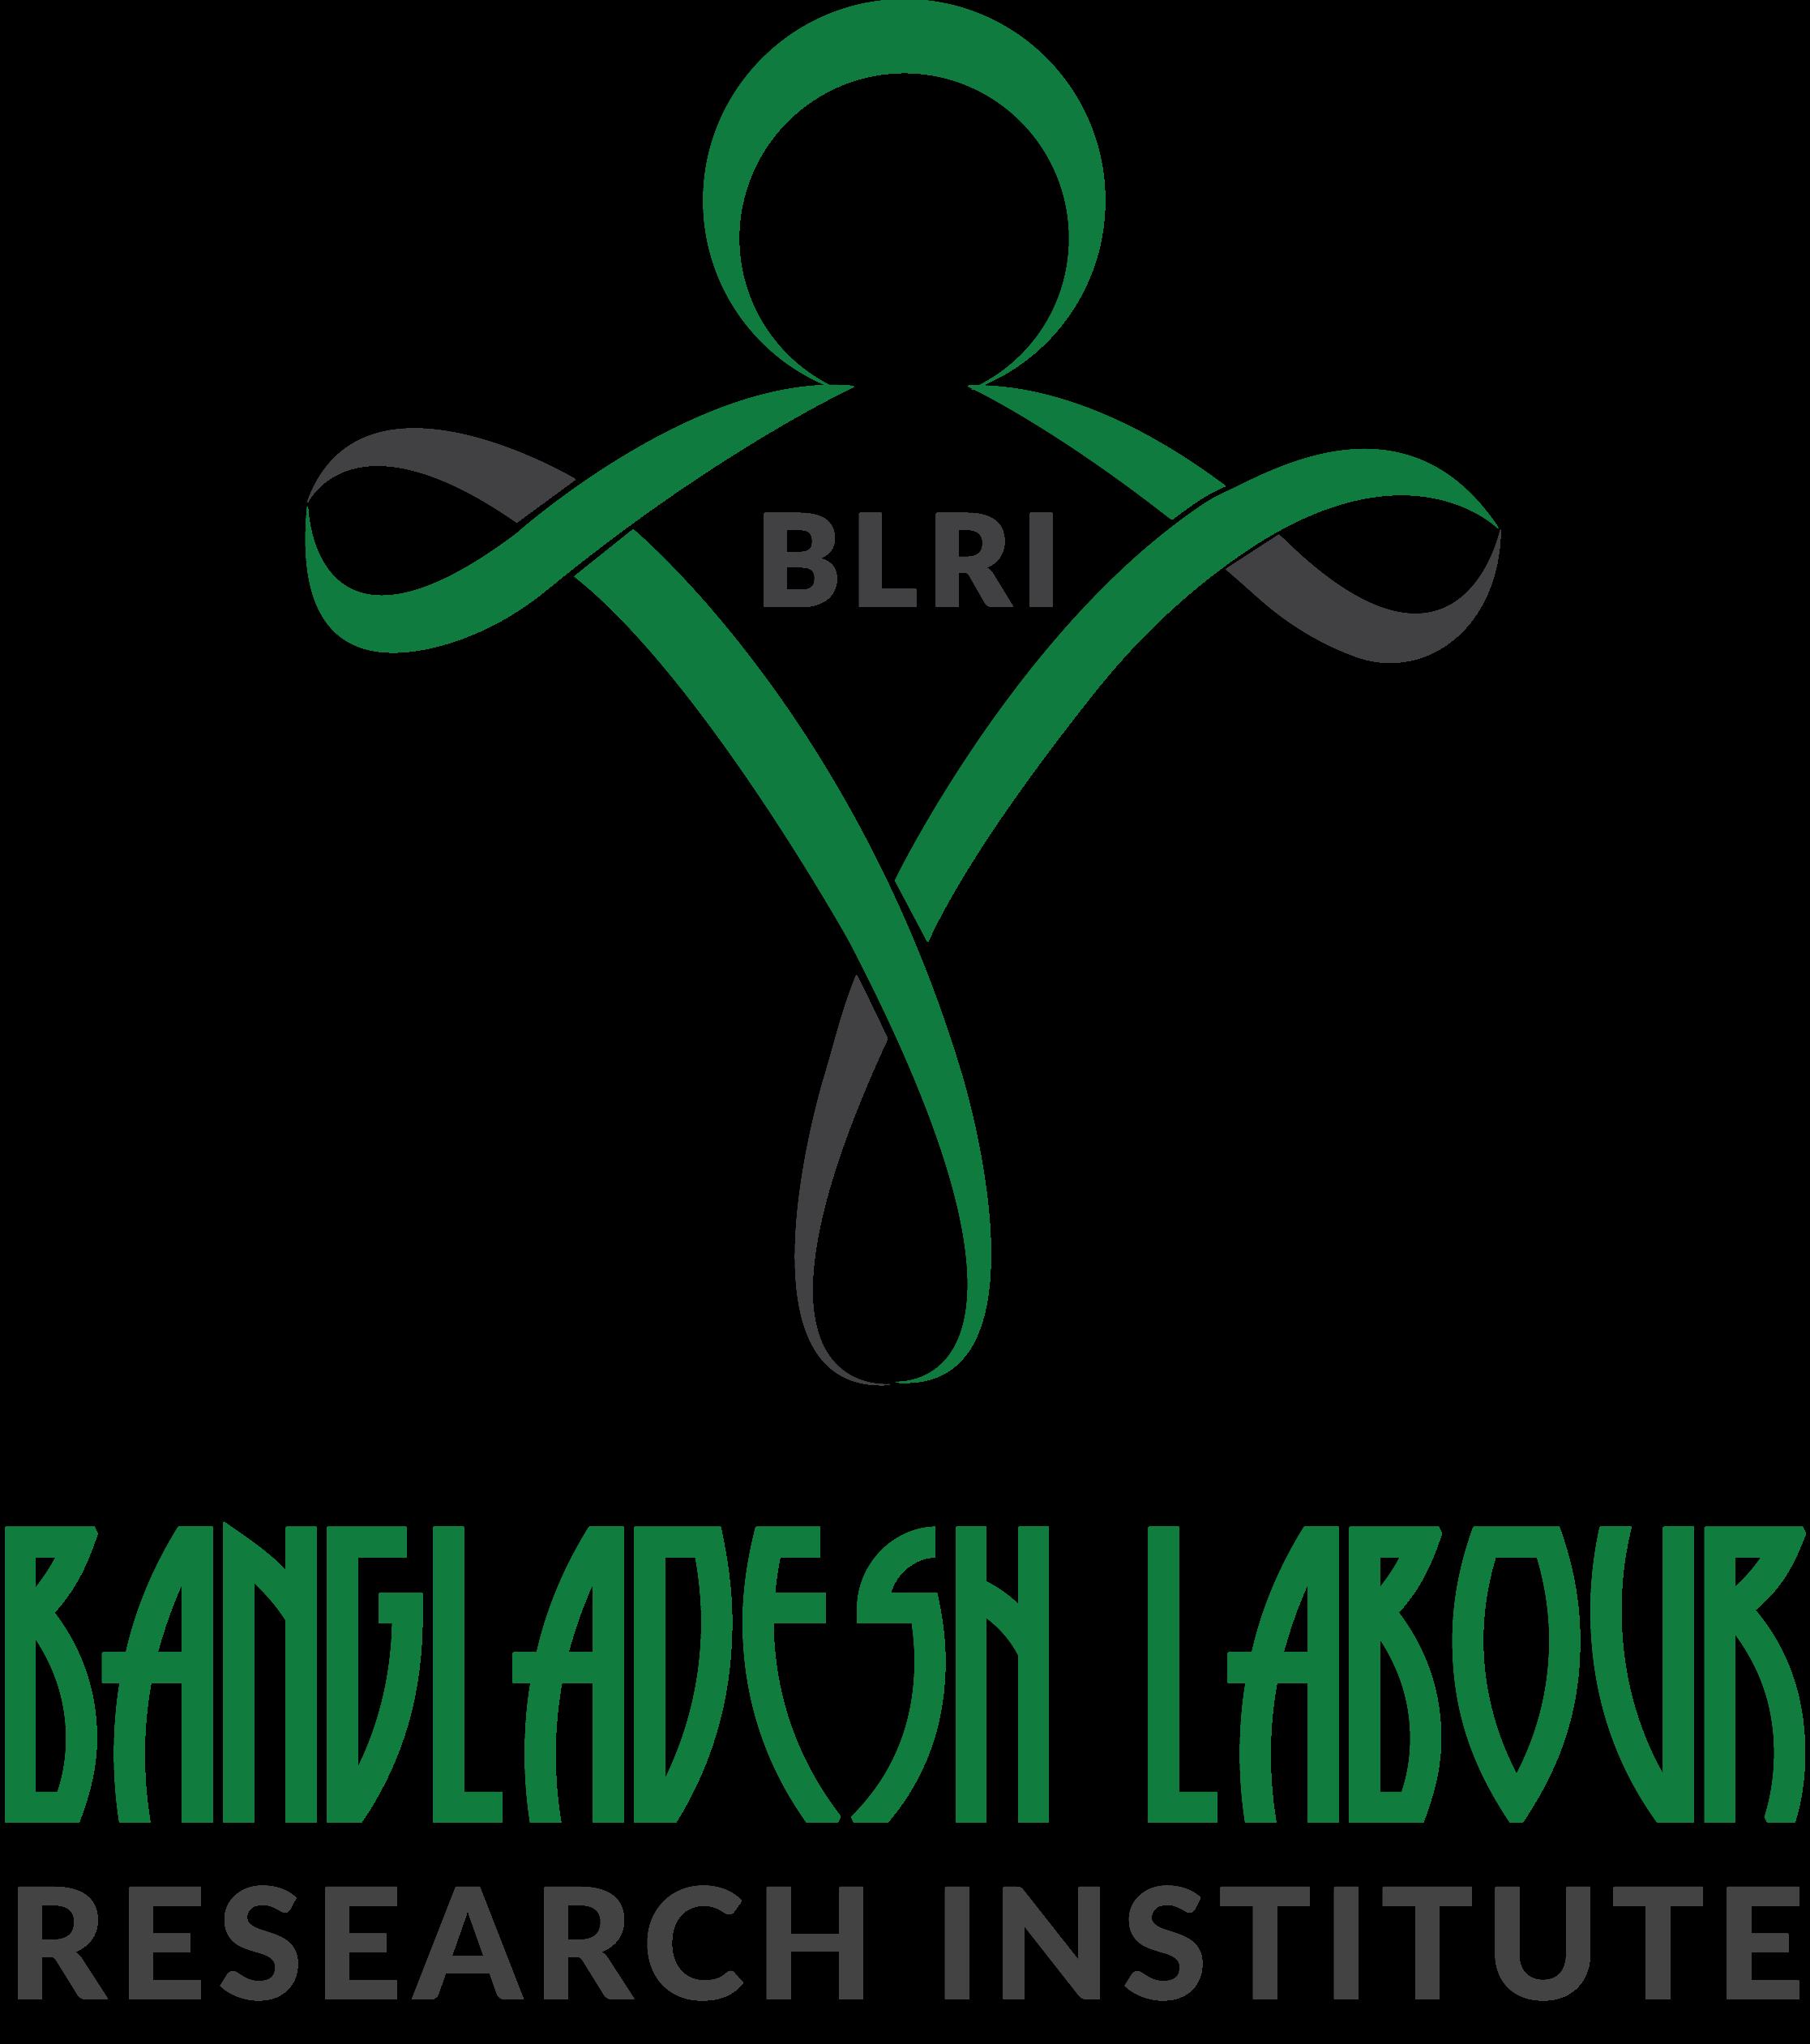 Bangladesh Labour Research Institute (BLRI)